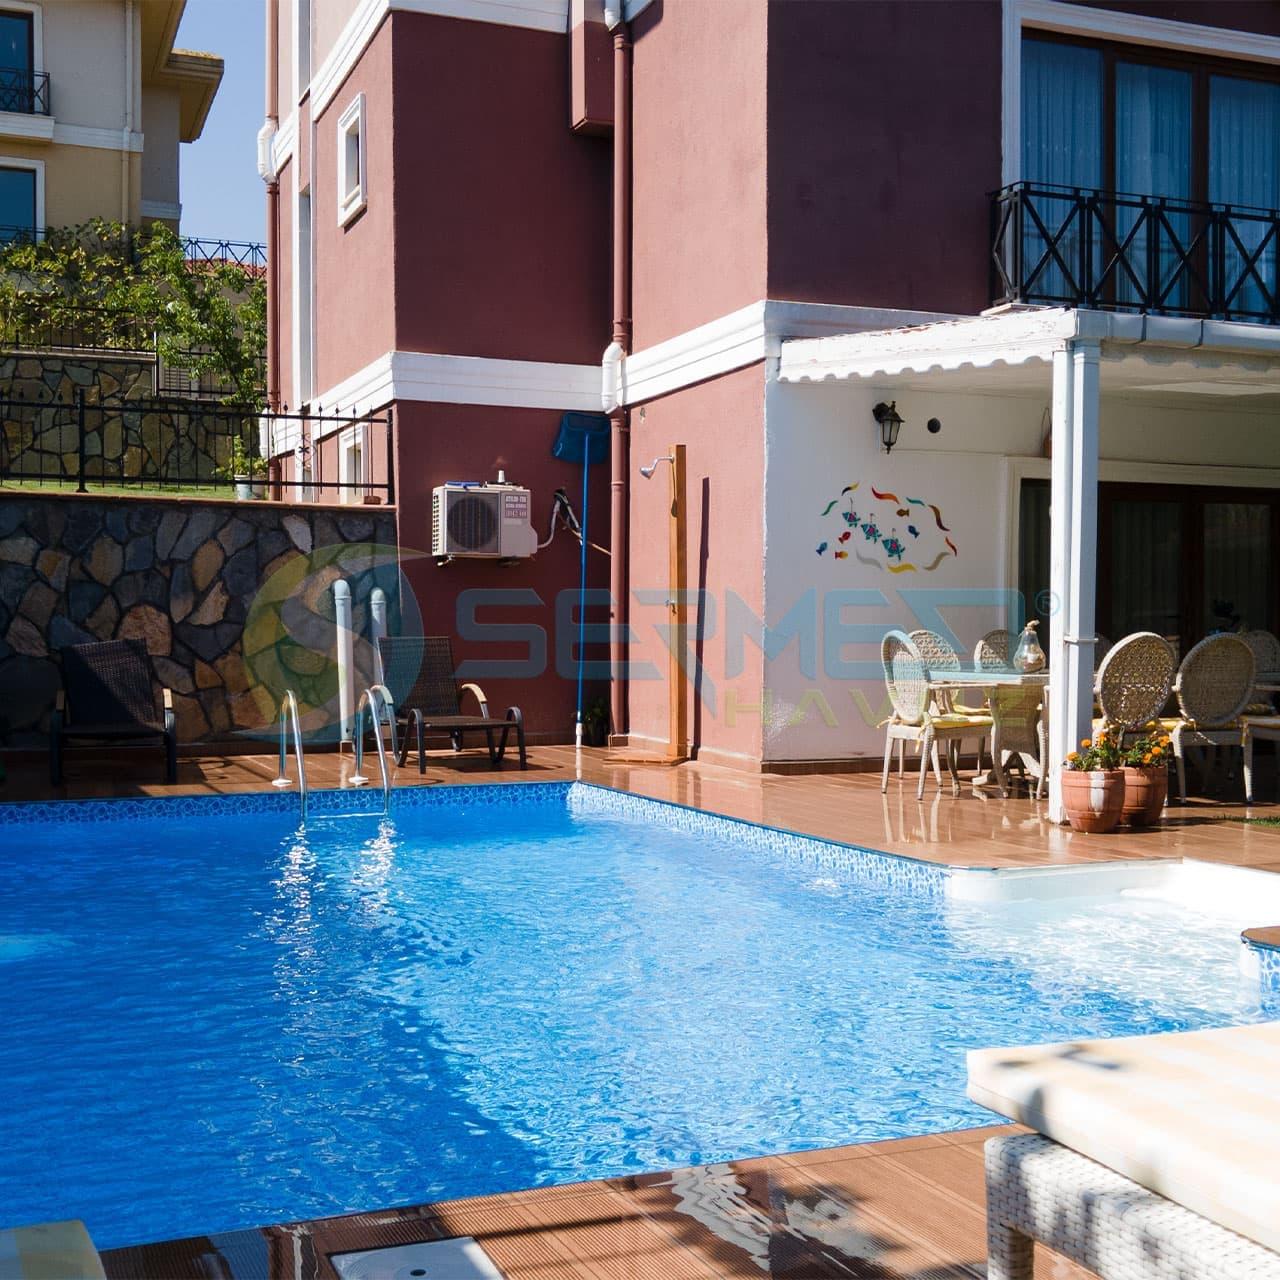 İstanbul Ferah Hanim Fipool Plus Havuz Sermed Havuz Firması tarafından yapıldı.